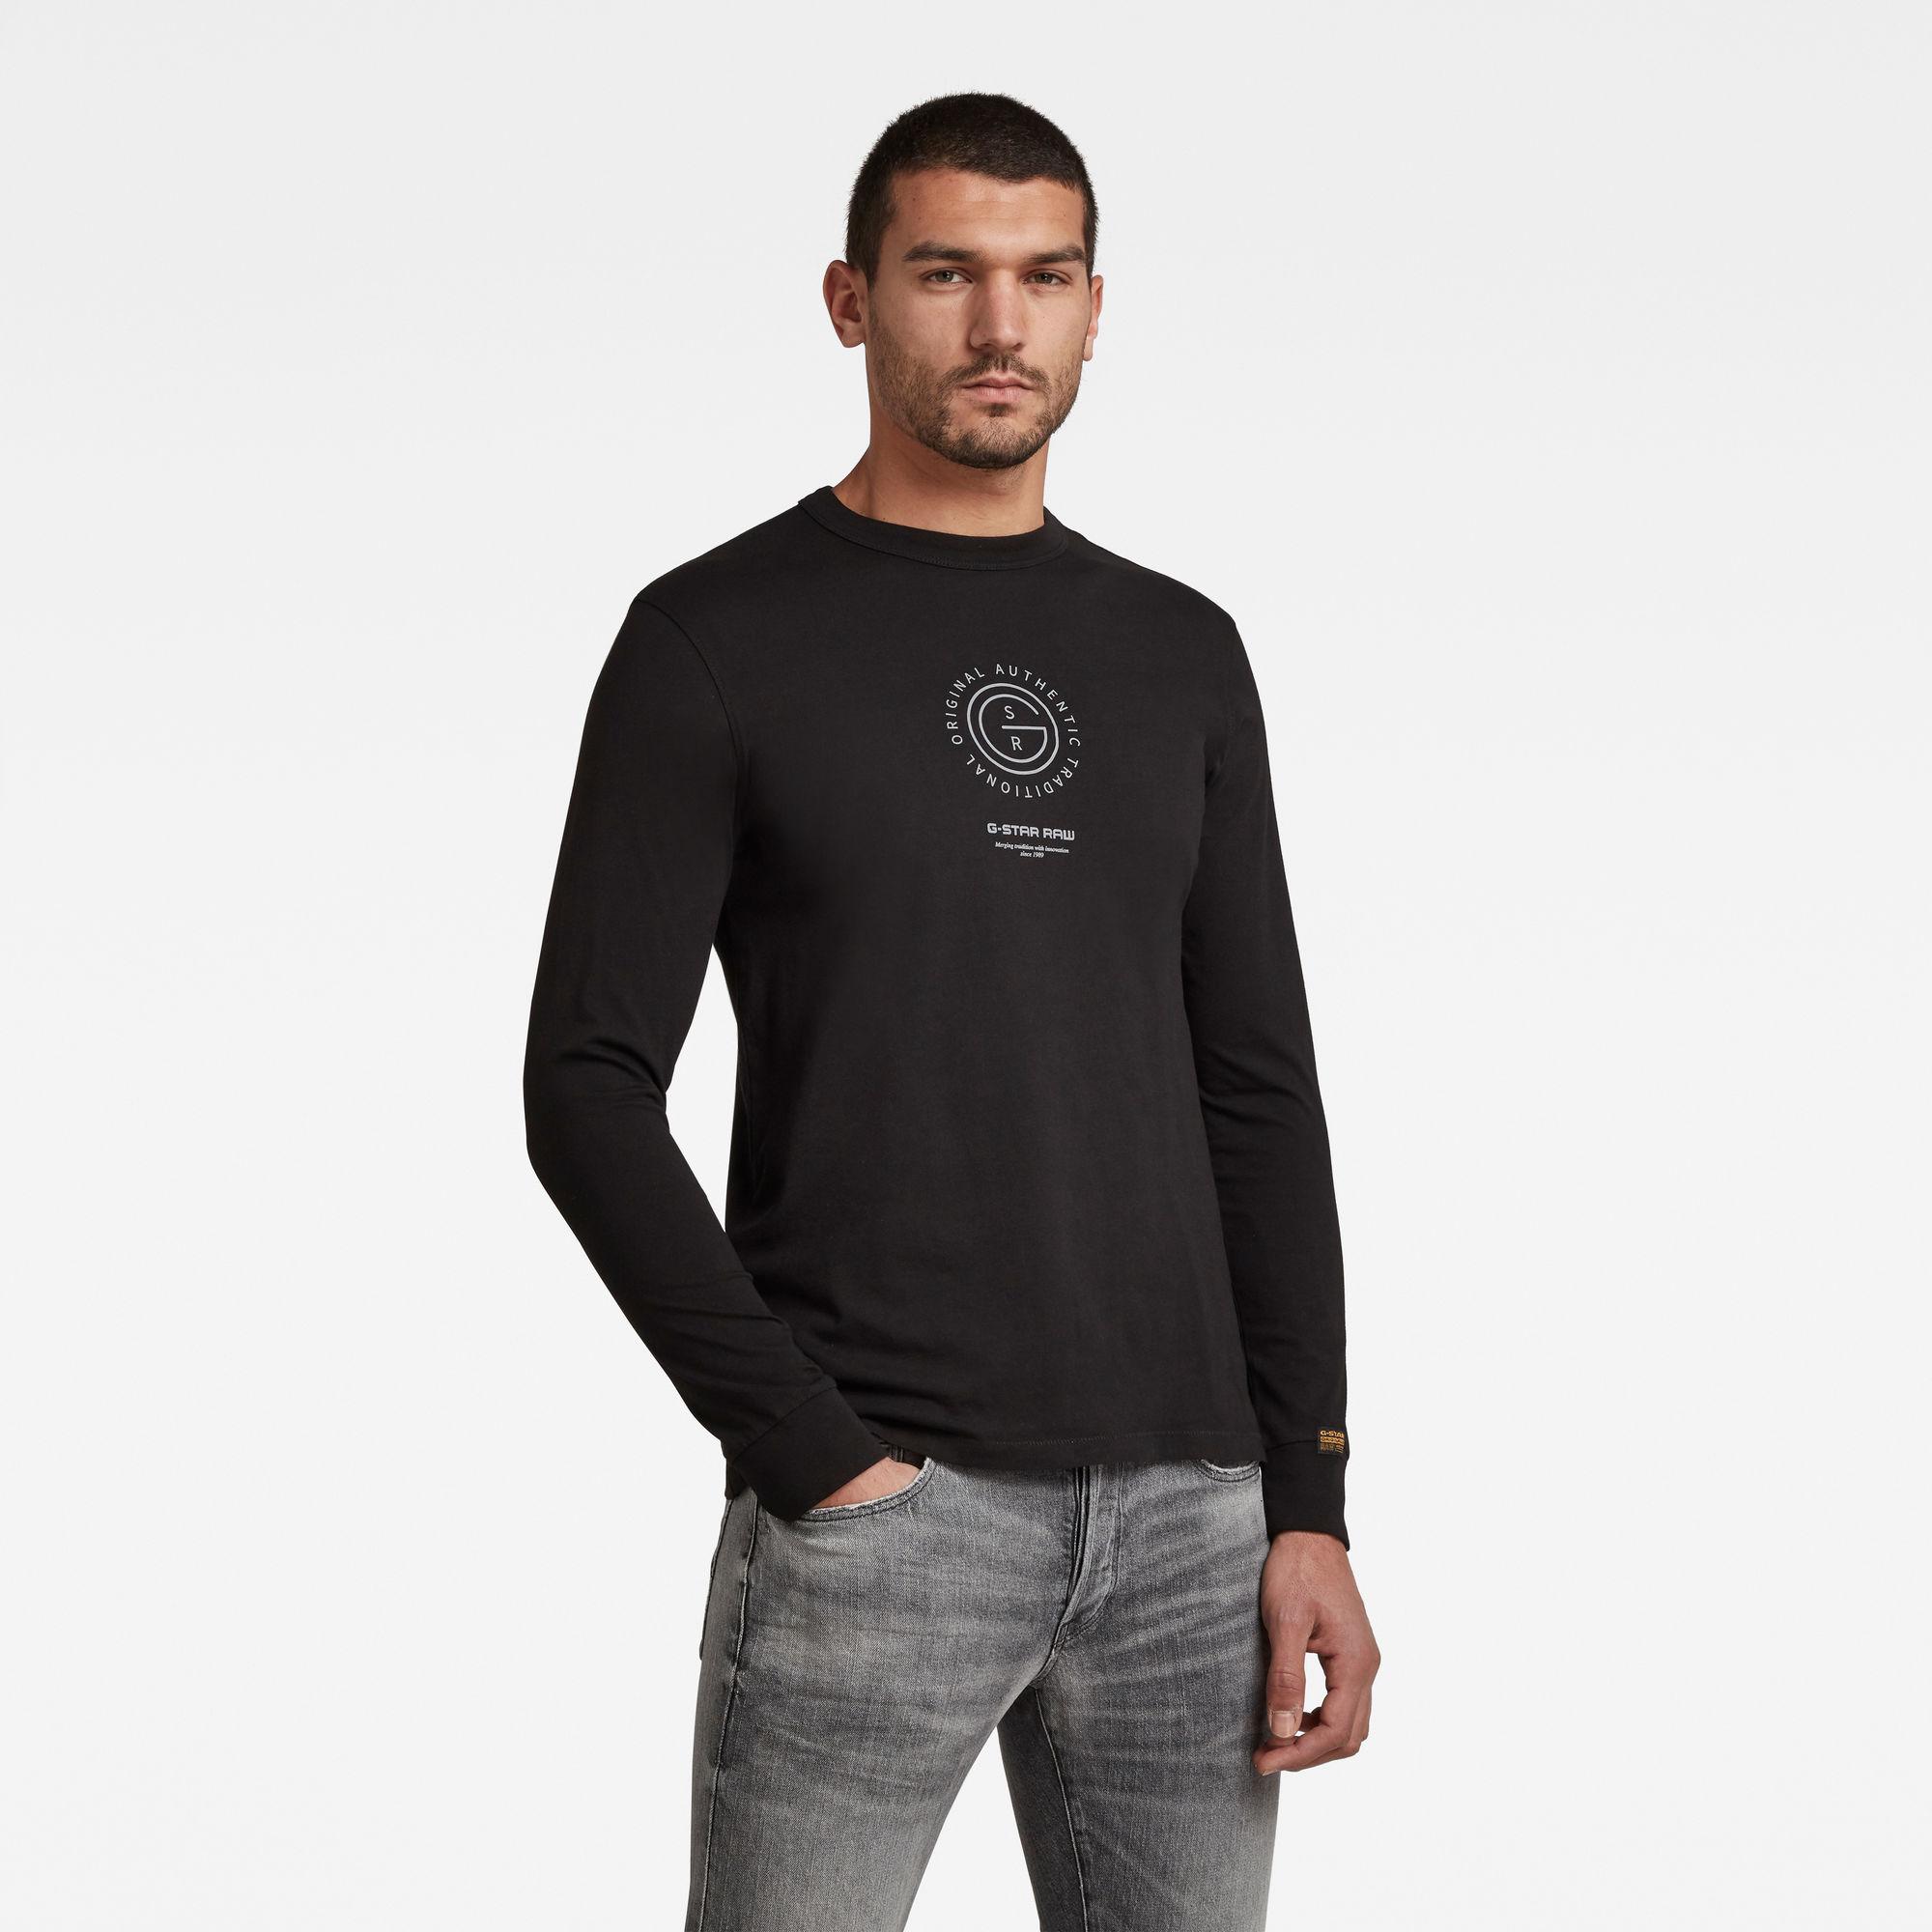 G-Star RAW Herren G-Star Reflective Multi Graphic T-Shirt Schwarz